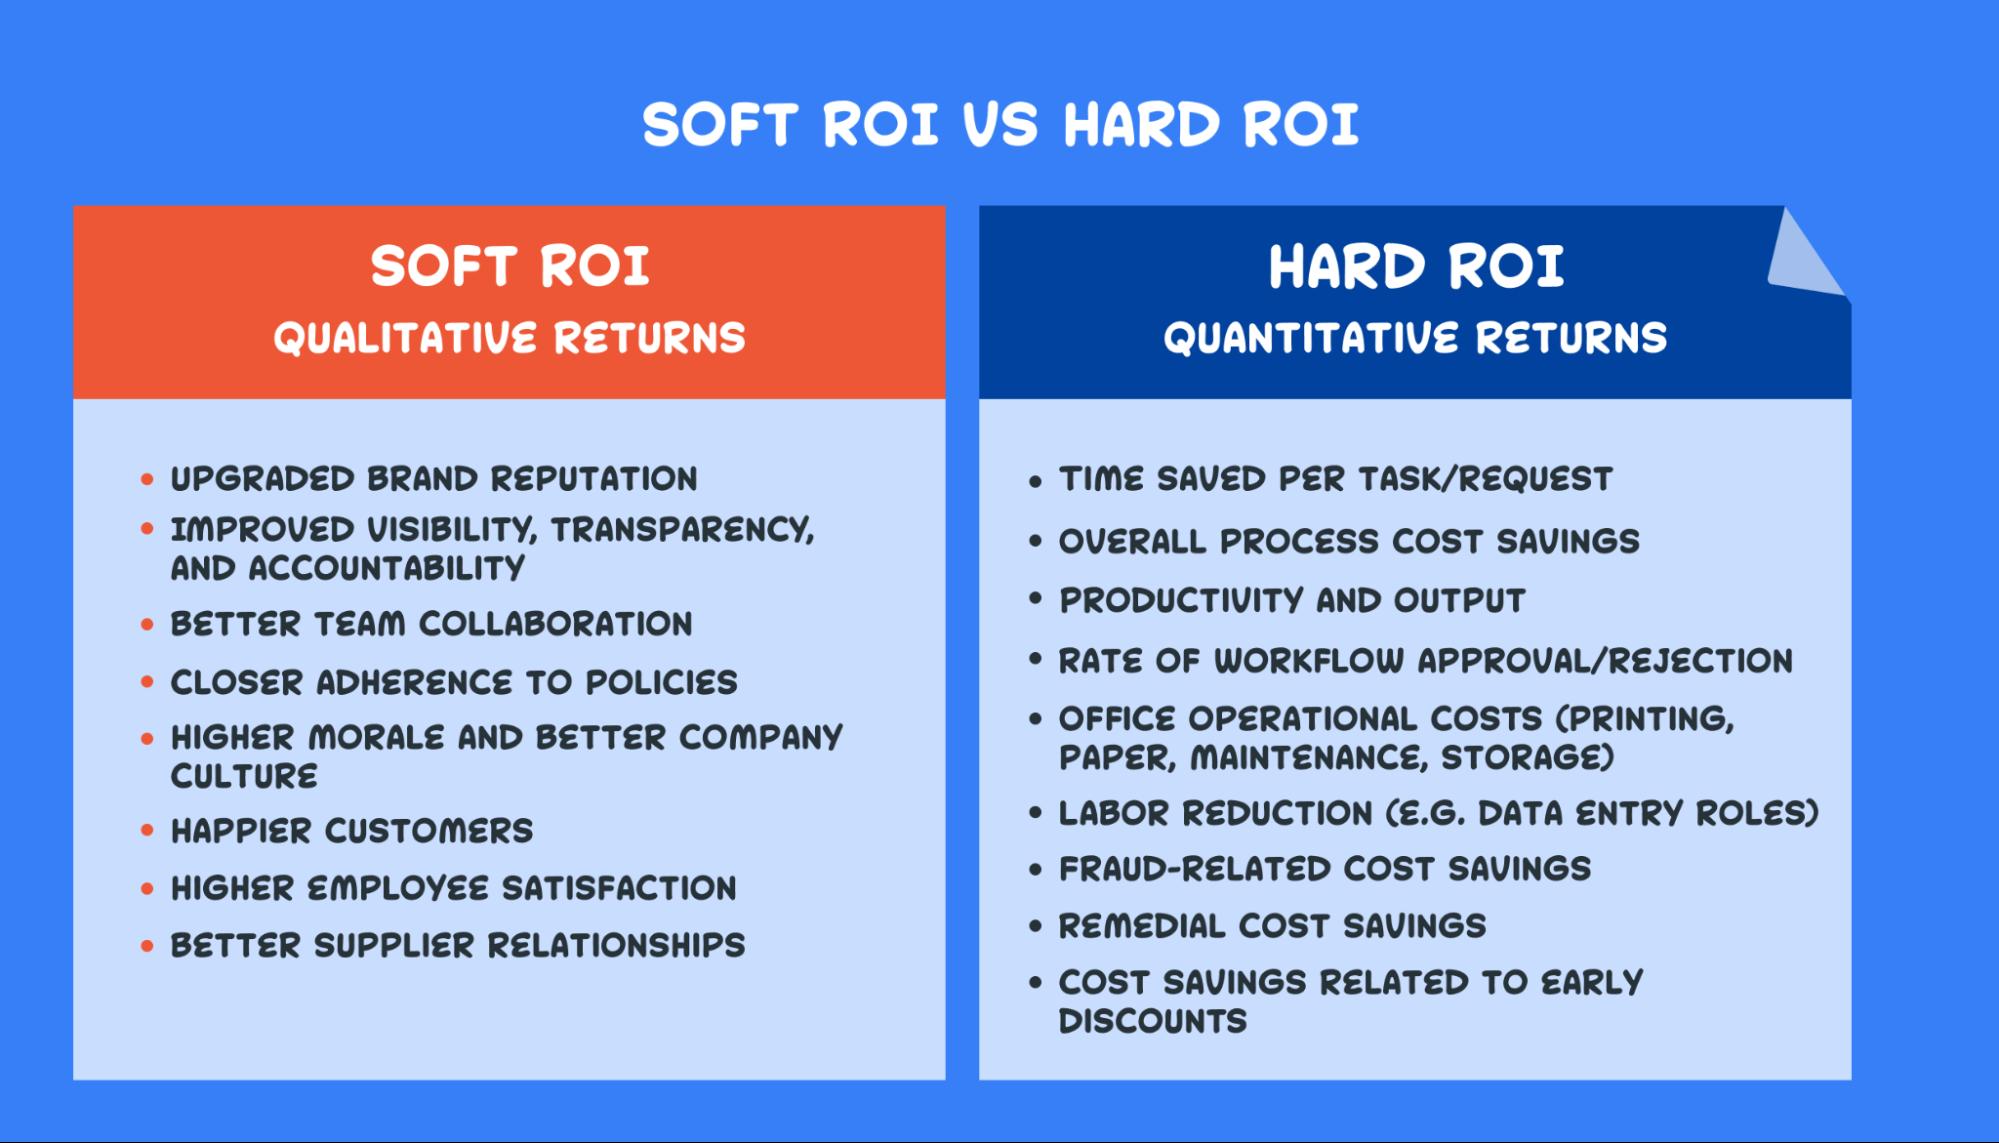 soft roi vs hard roi